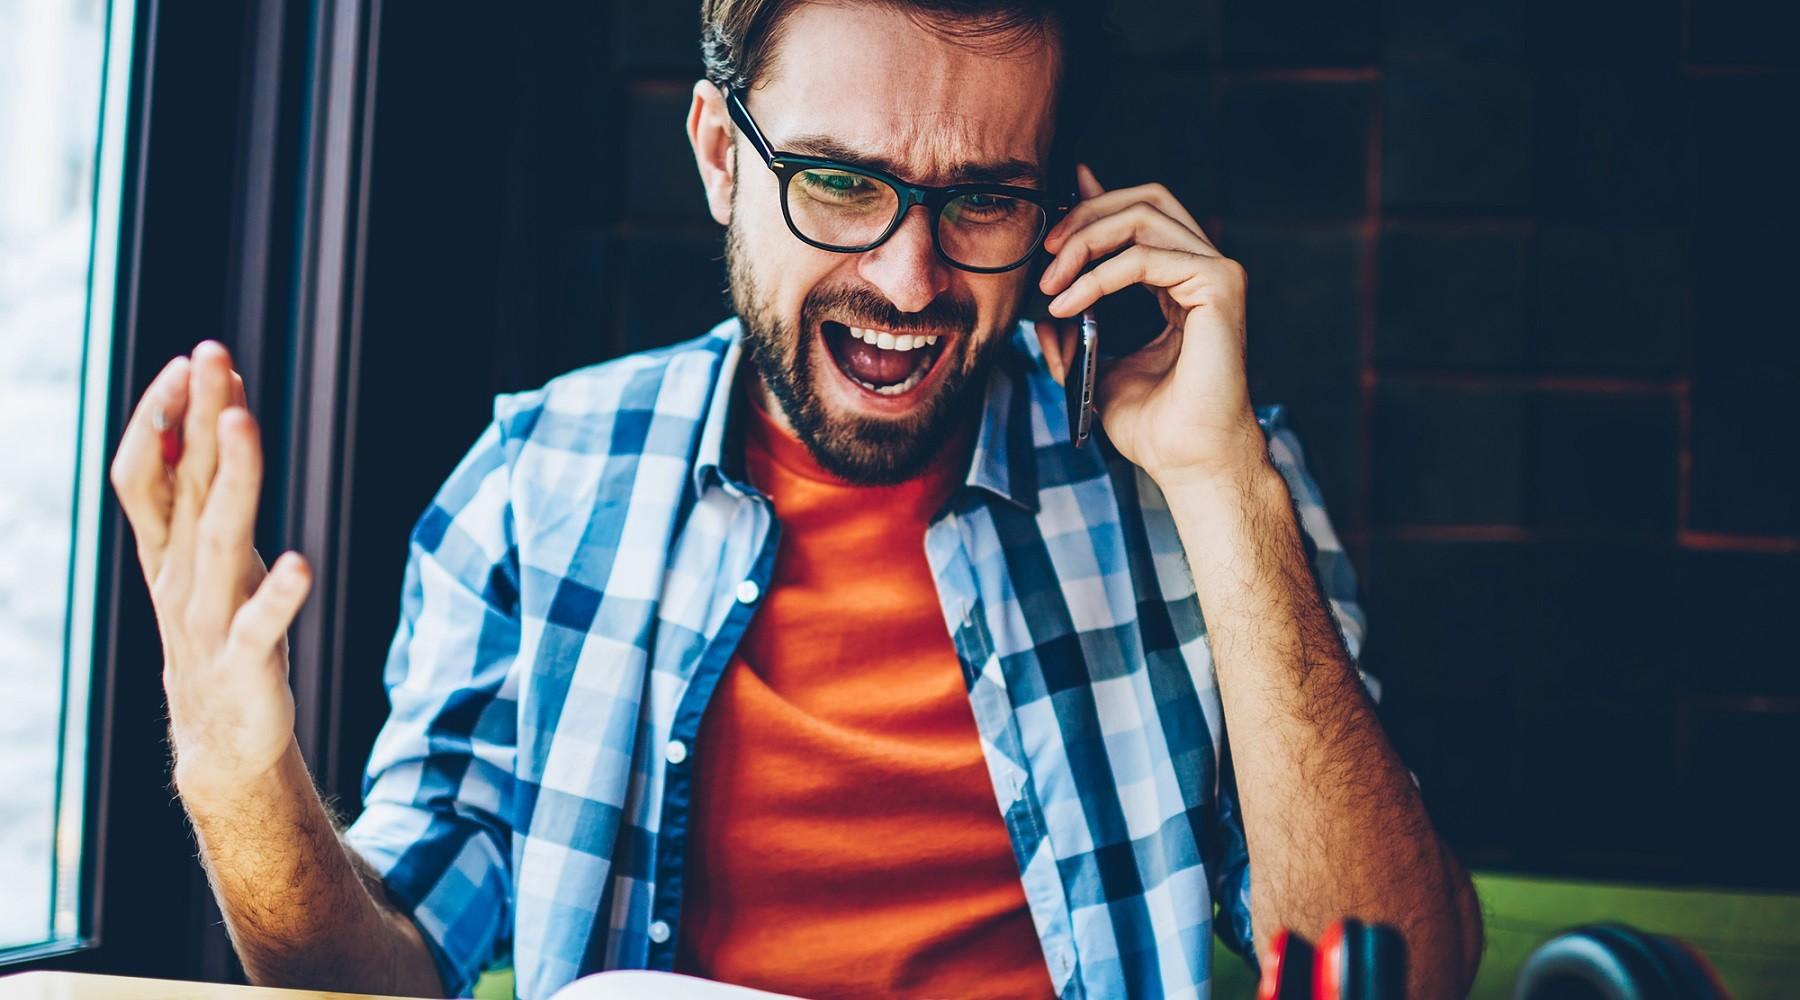 Muž se rozčiluje kvůli nevyžádanému hovoru.